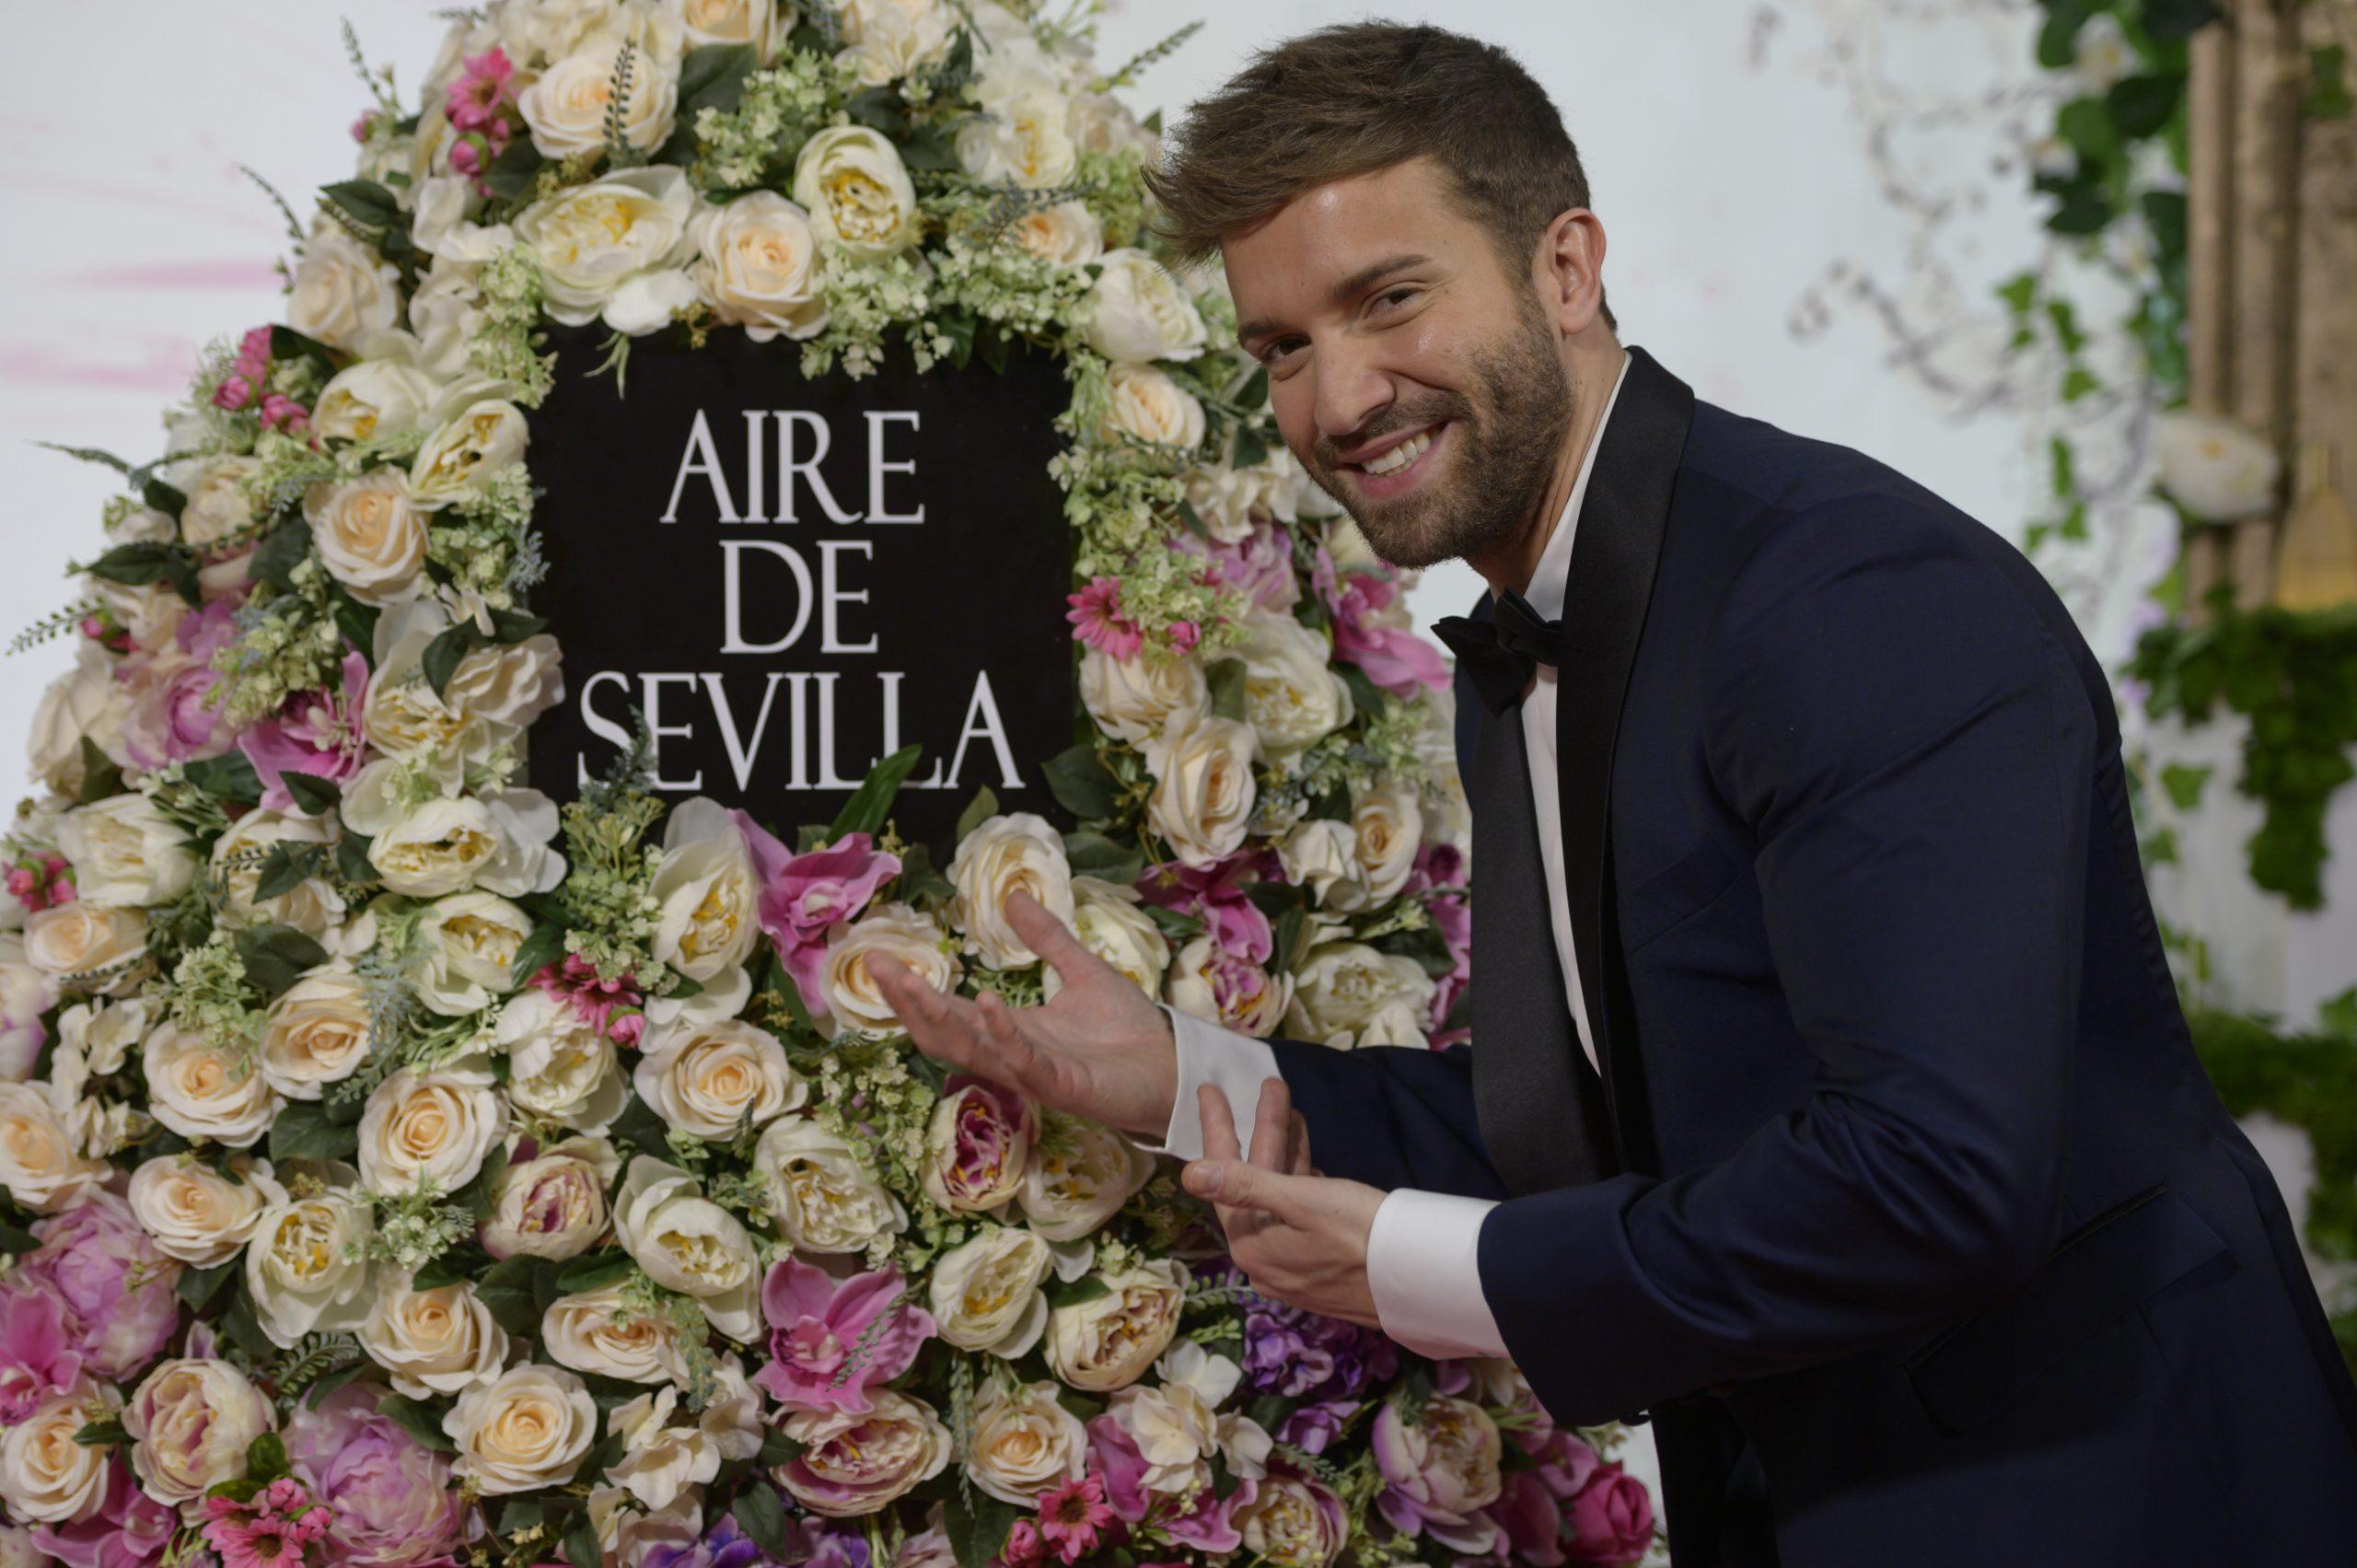 AIRE DE SEVILLA_2020_GOYA_CORTOS_1_19